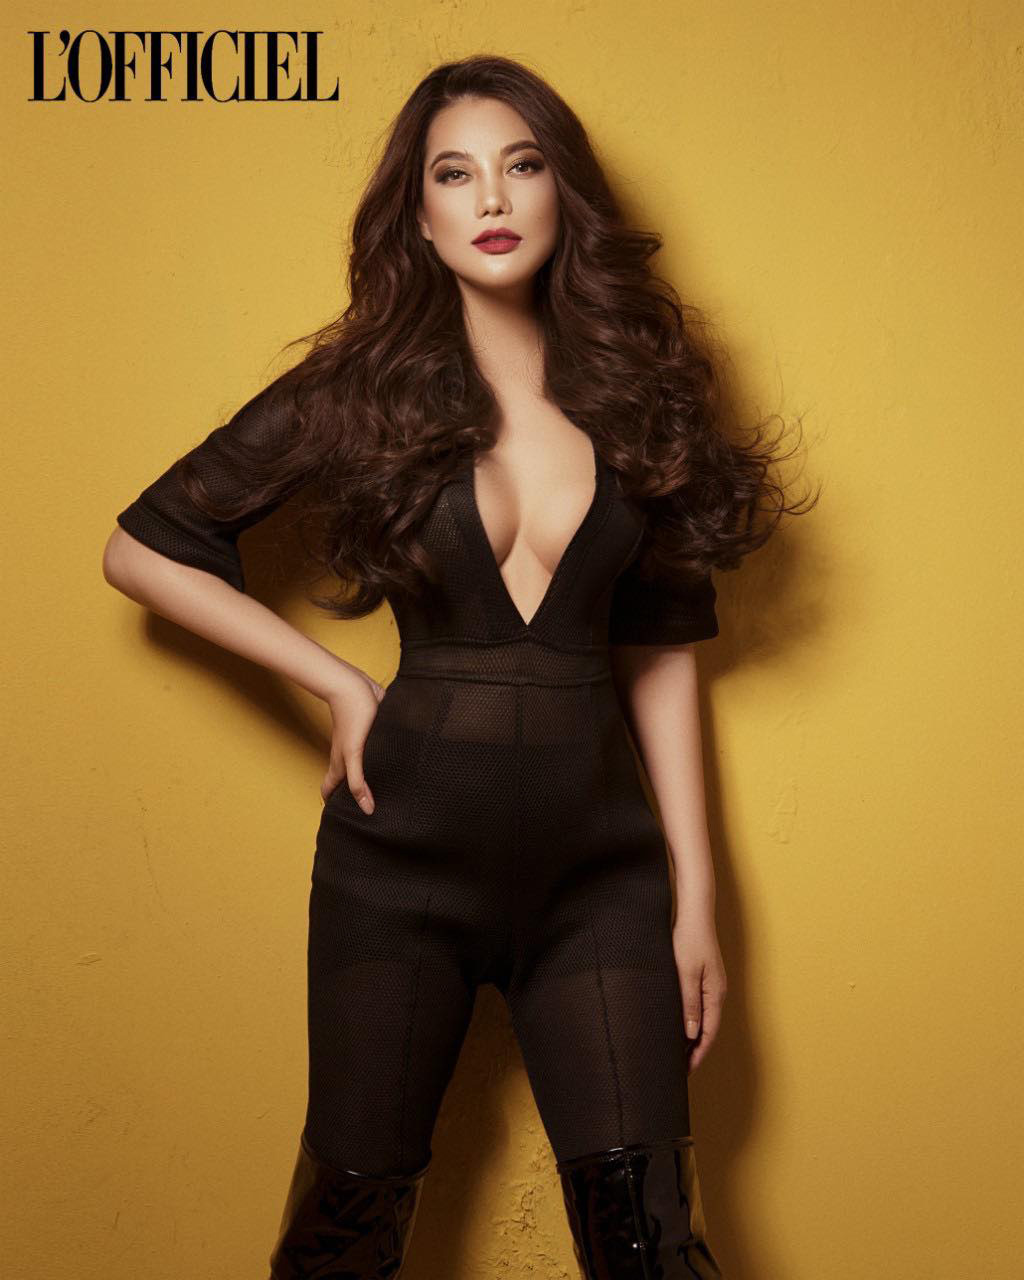 Trương Ngọc Ánh xuất hiện cá tính, quyến rũ trên trang bìa tạp chí của Nga   - Ảnh 6.